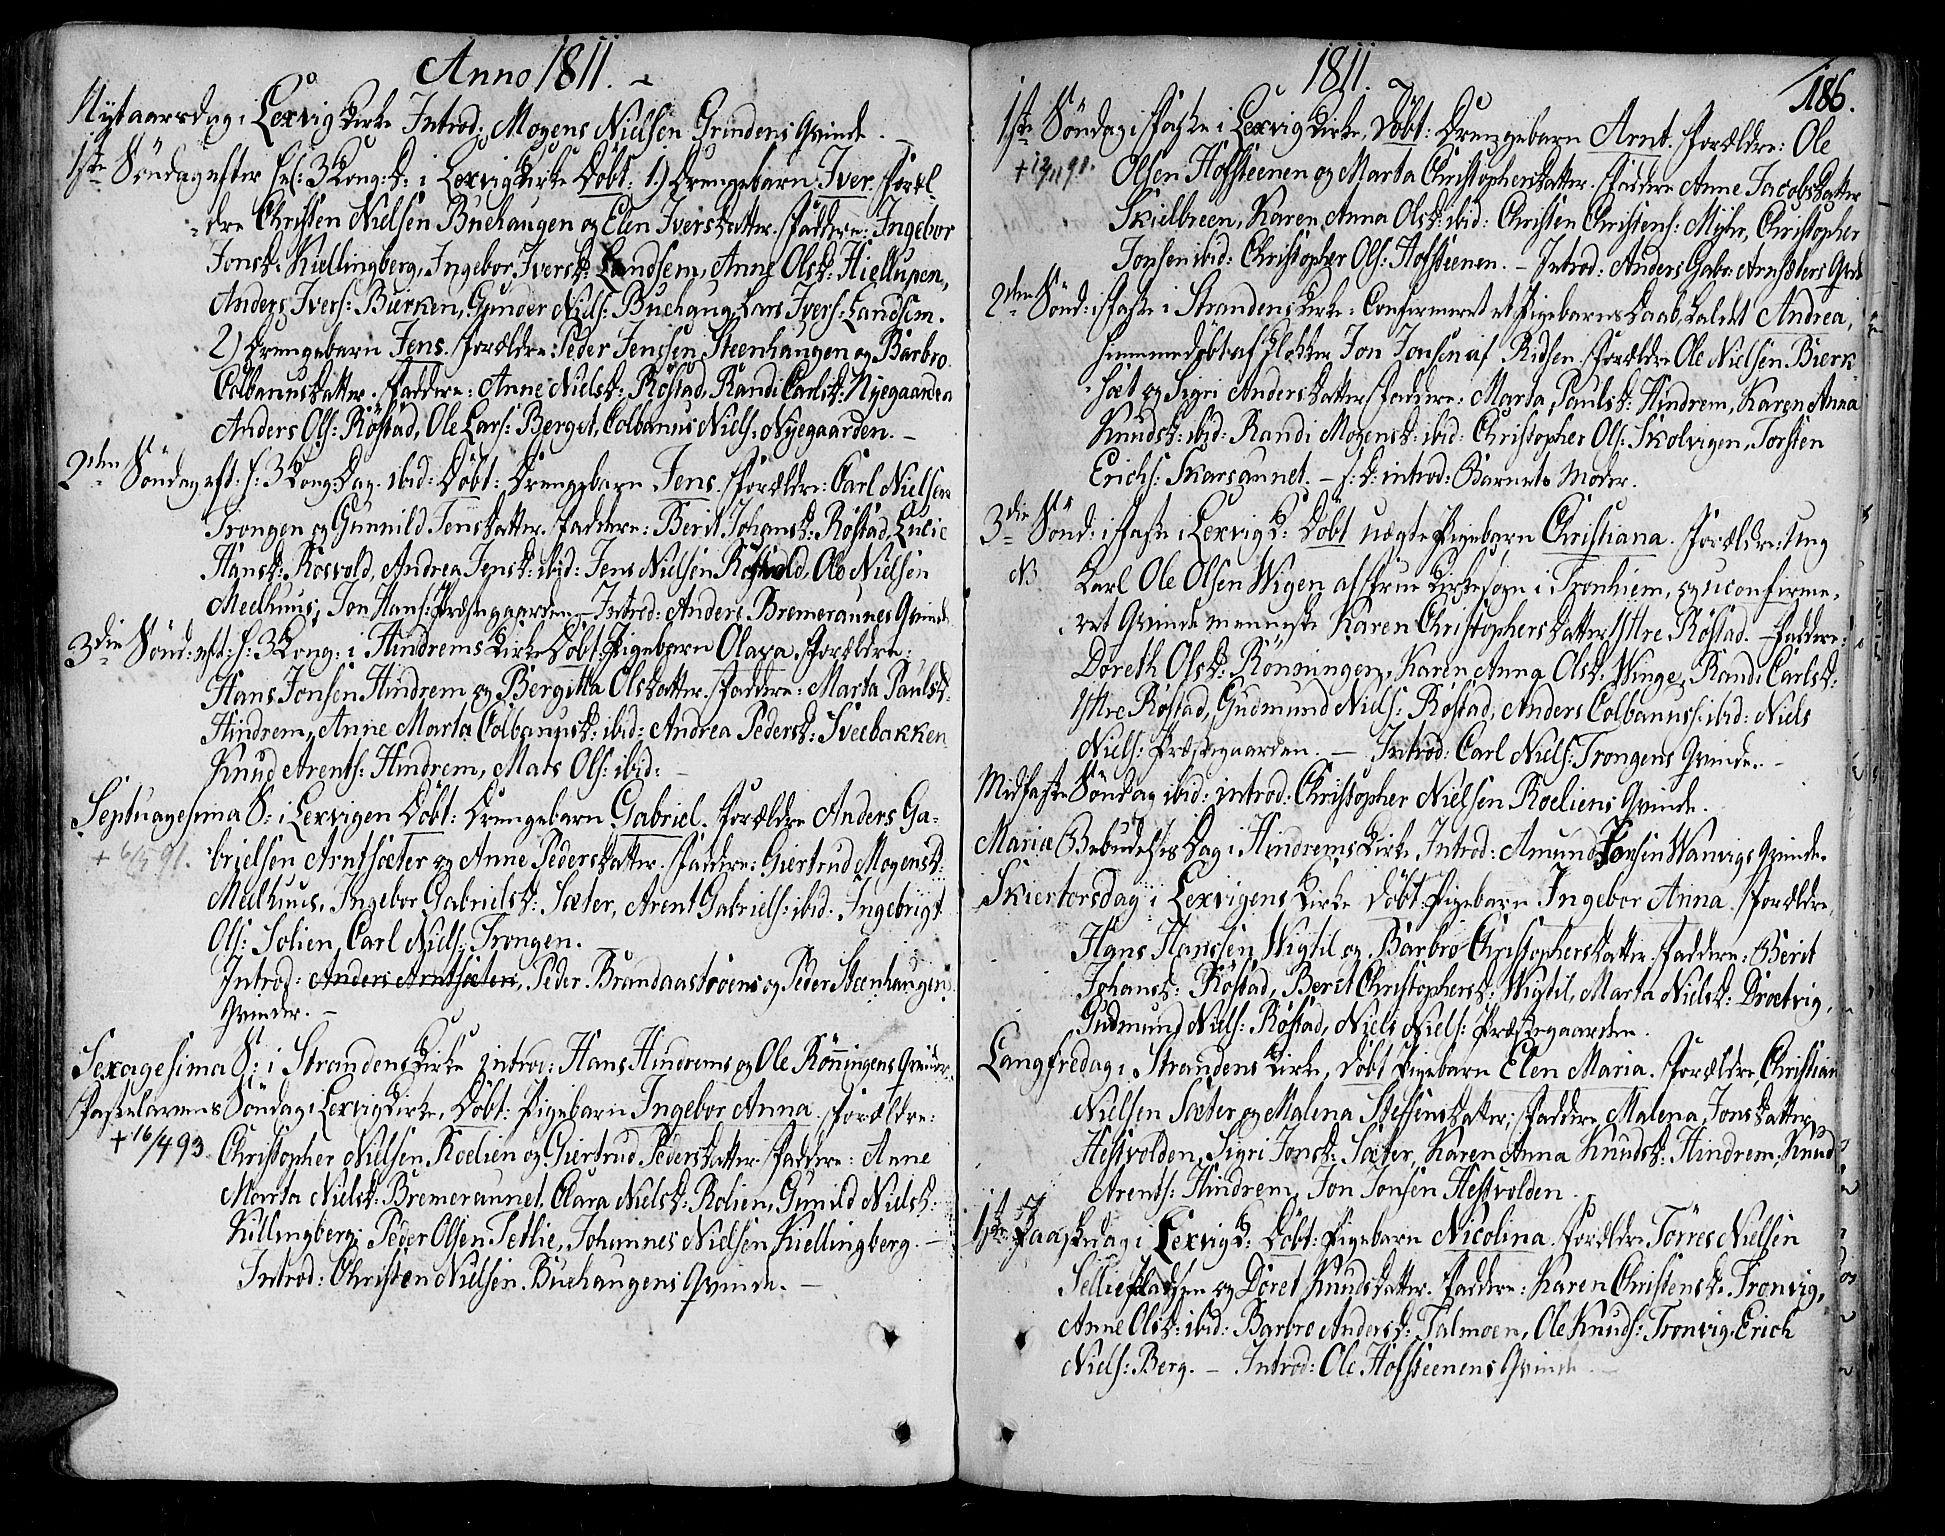 SAT, Ministerialprotokoller, klokkerbøker og fødselsregistre - Nord-Trøndelag, 701/L0004: Ministerialbok nr. 701A04, 1783-1816, s. 186